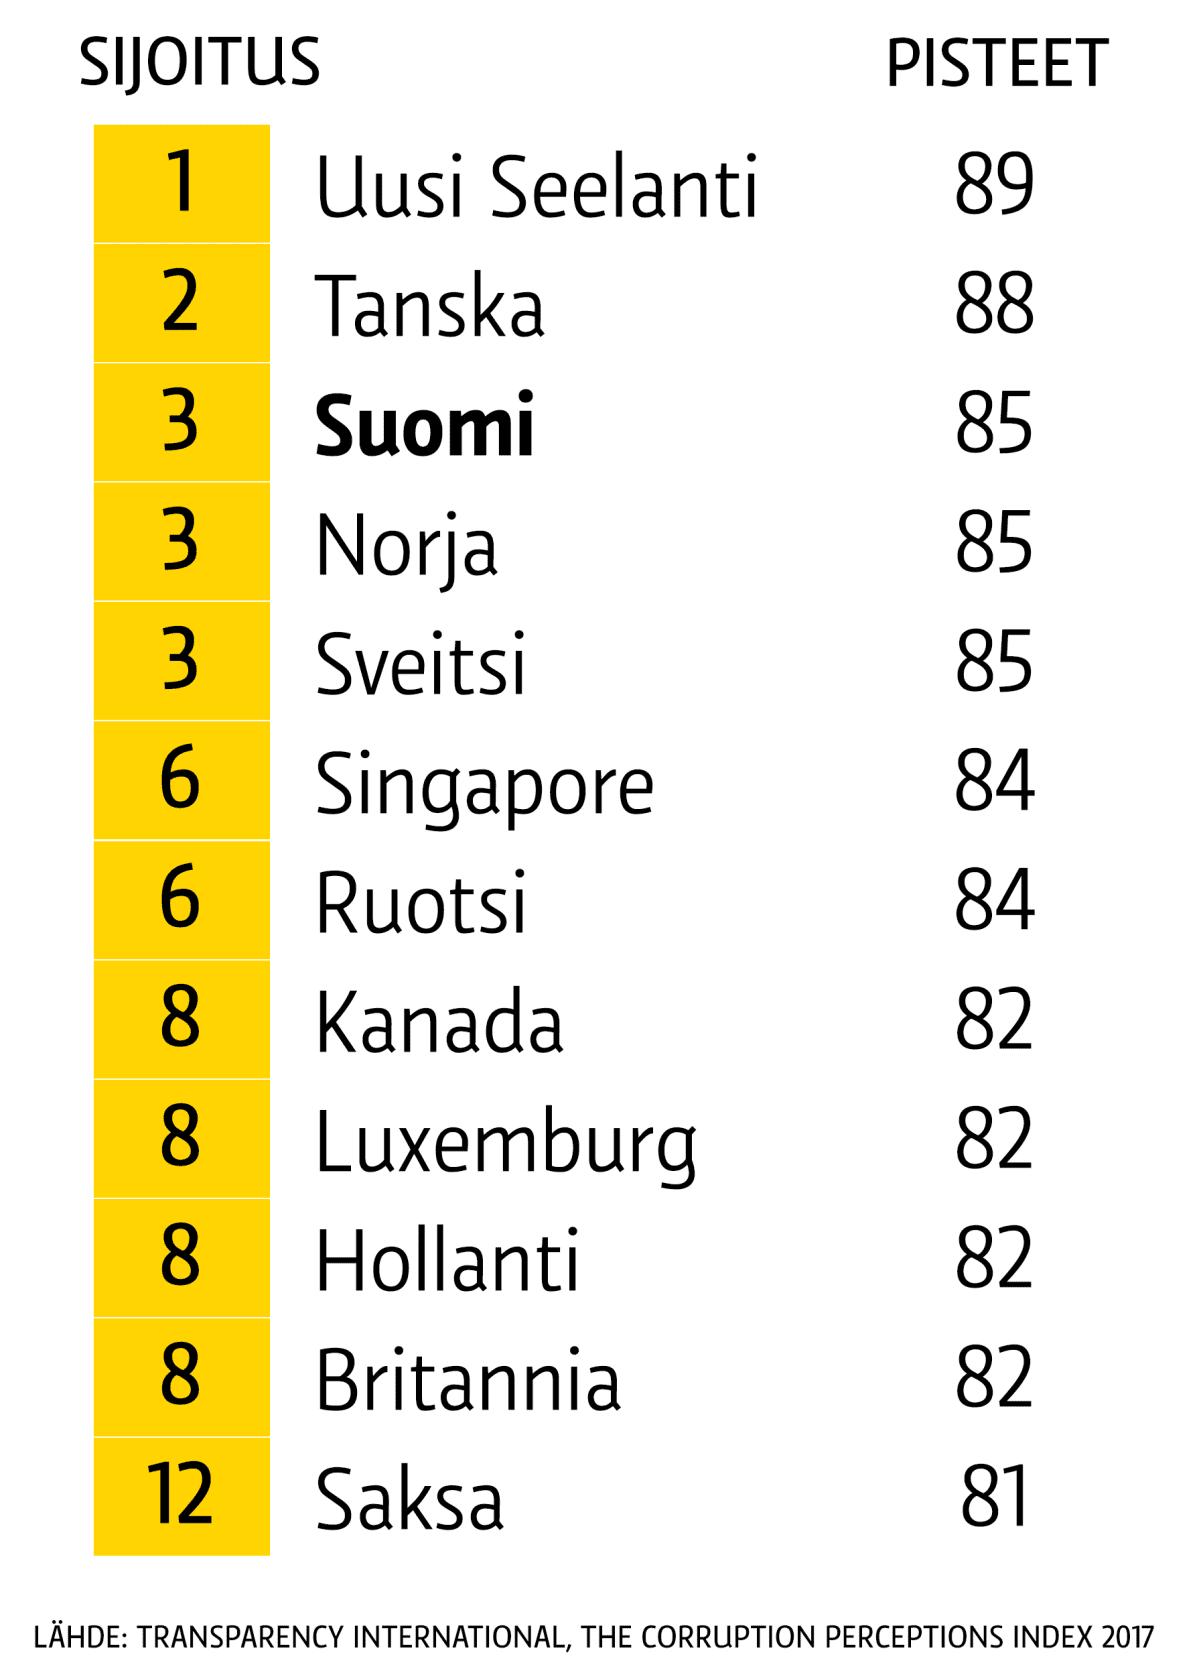 Korruptiotaulukko, vähiten korruptoituneet maat